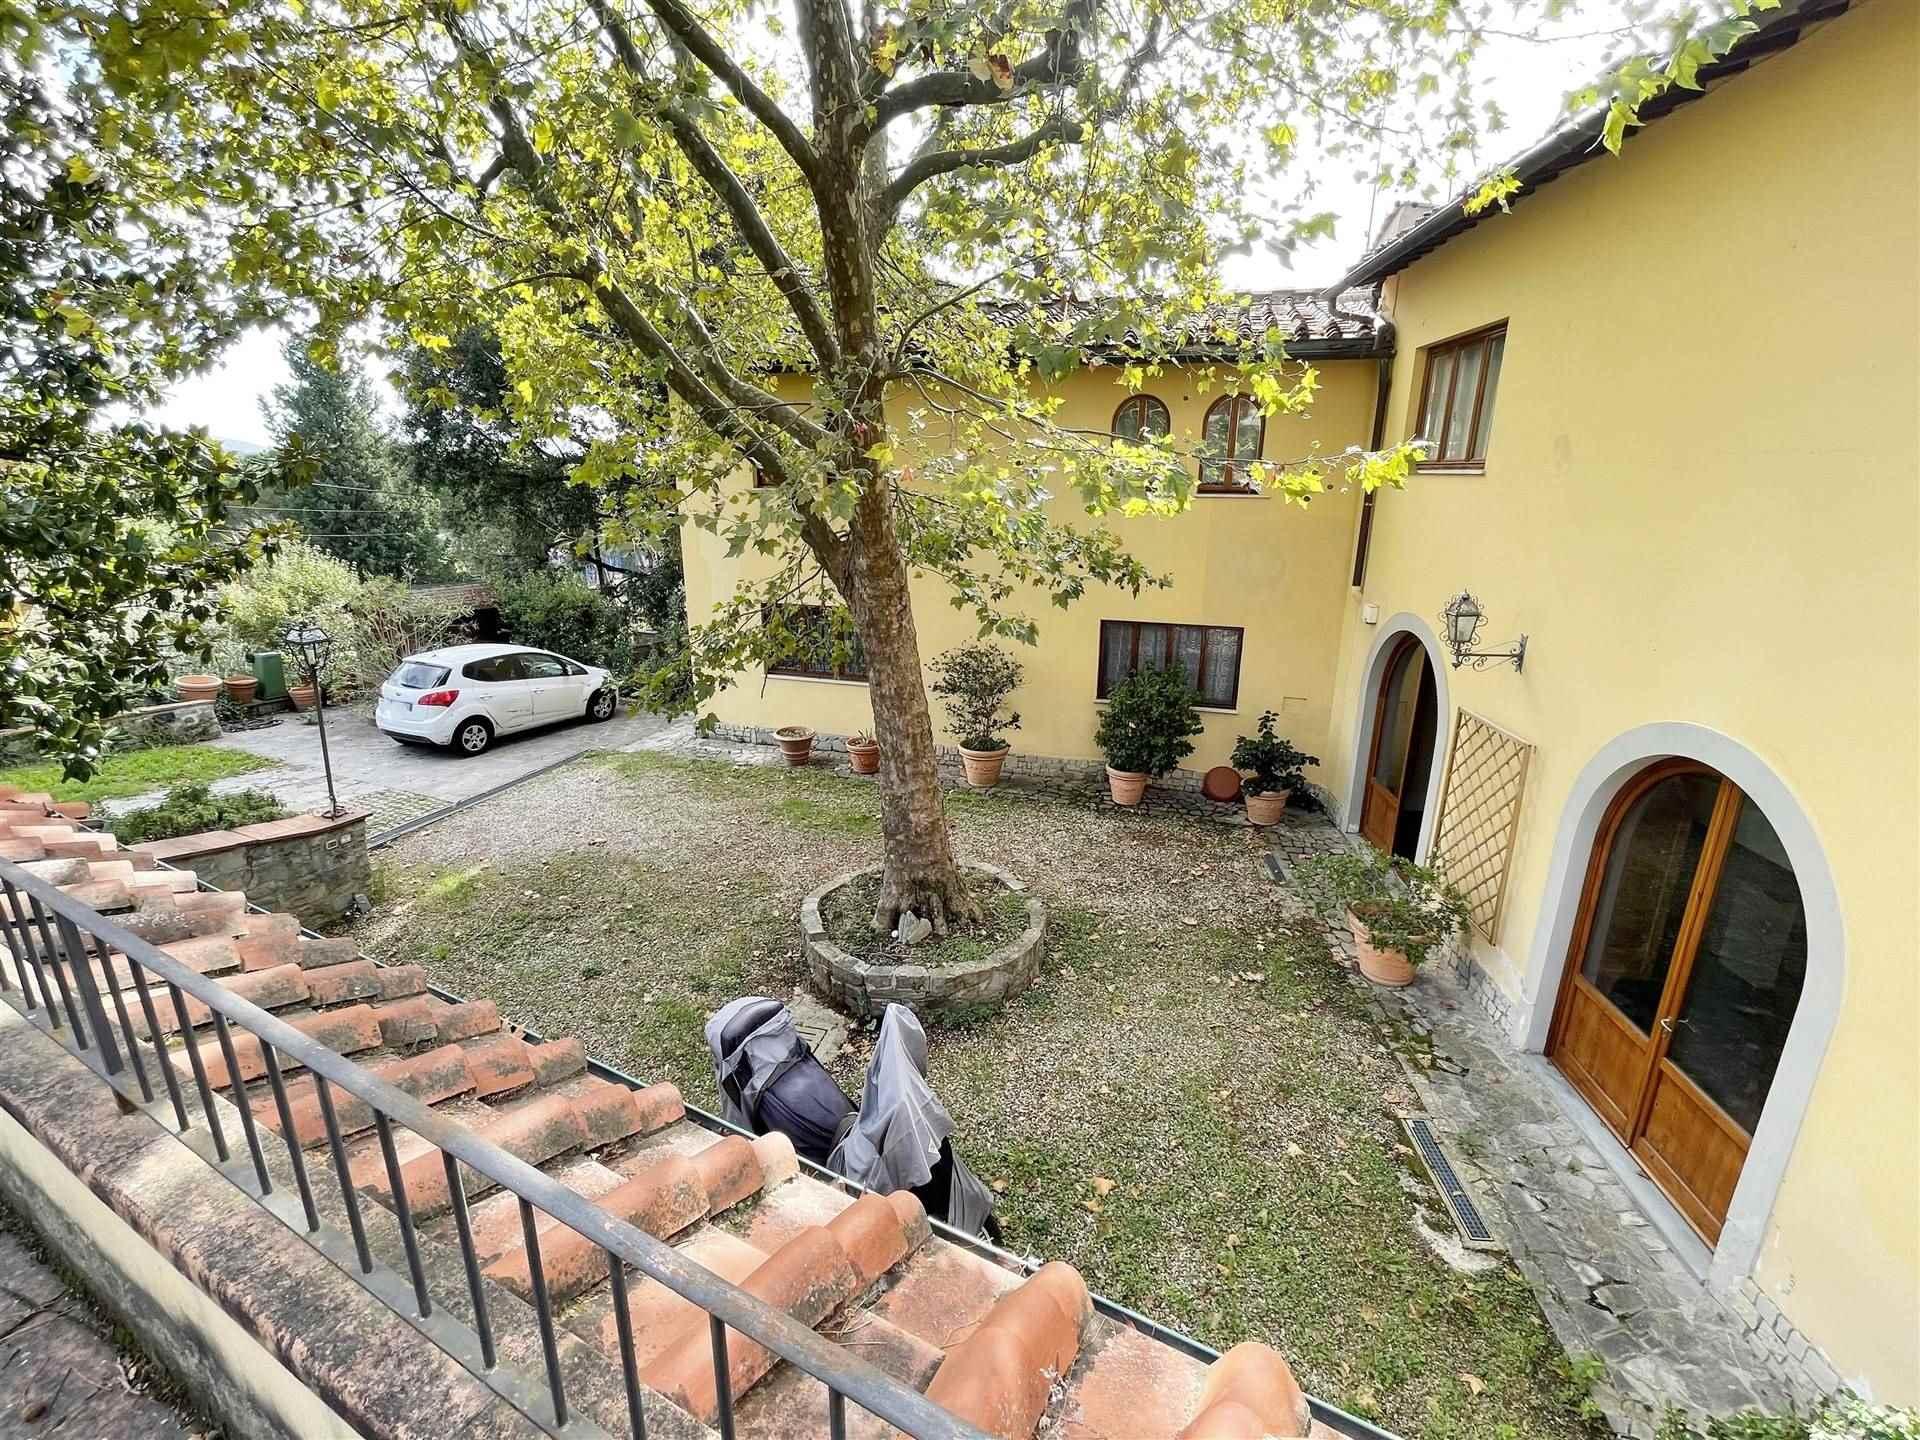 Appartamento in vendita a Fiesole, 7 locali, zona Località: POGGIO GHERARDO, prezzo € 830.000 | PortaleAgenzieImmobiliari.it